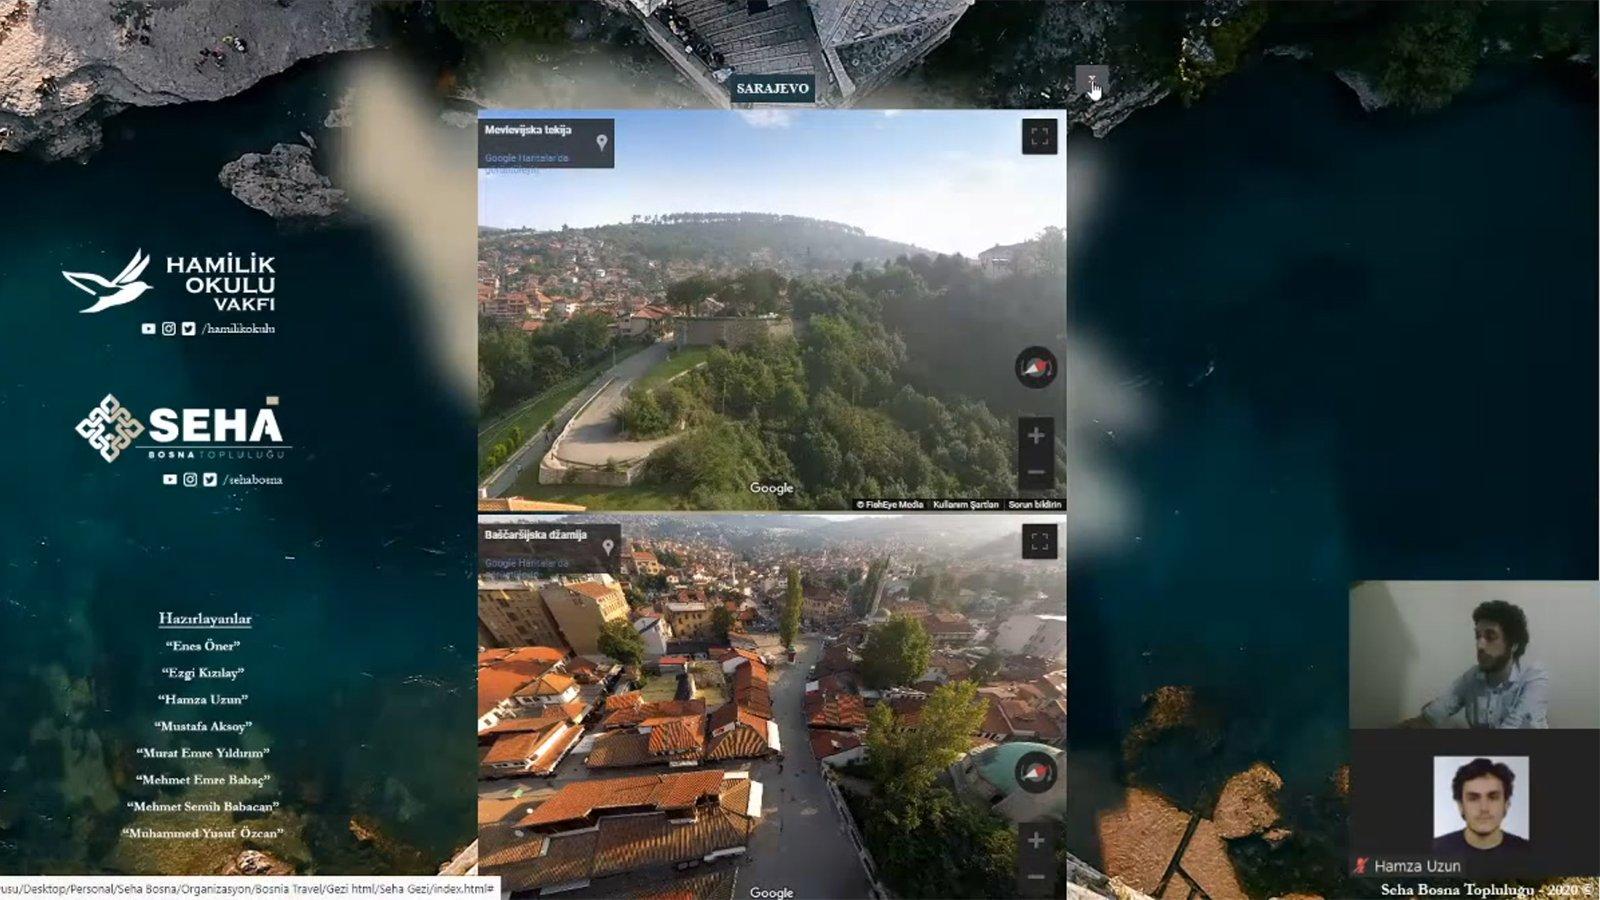 Nakkaşhane Buluşmalarımız Bosna-Hersek Gezisi ile Başladı! post thumbnail